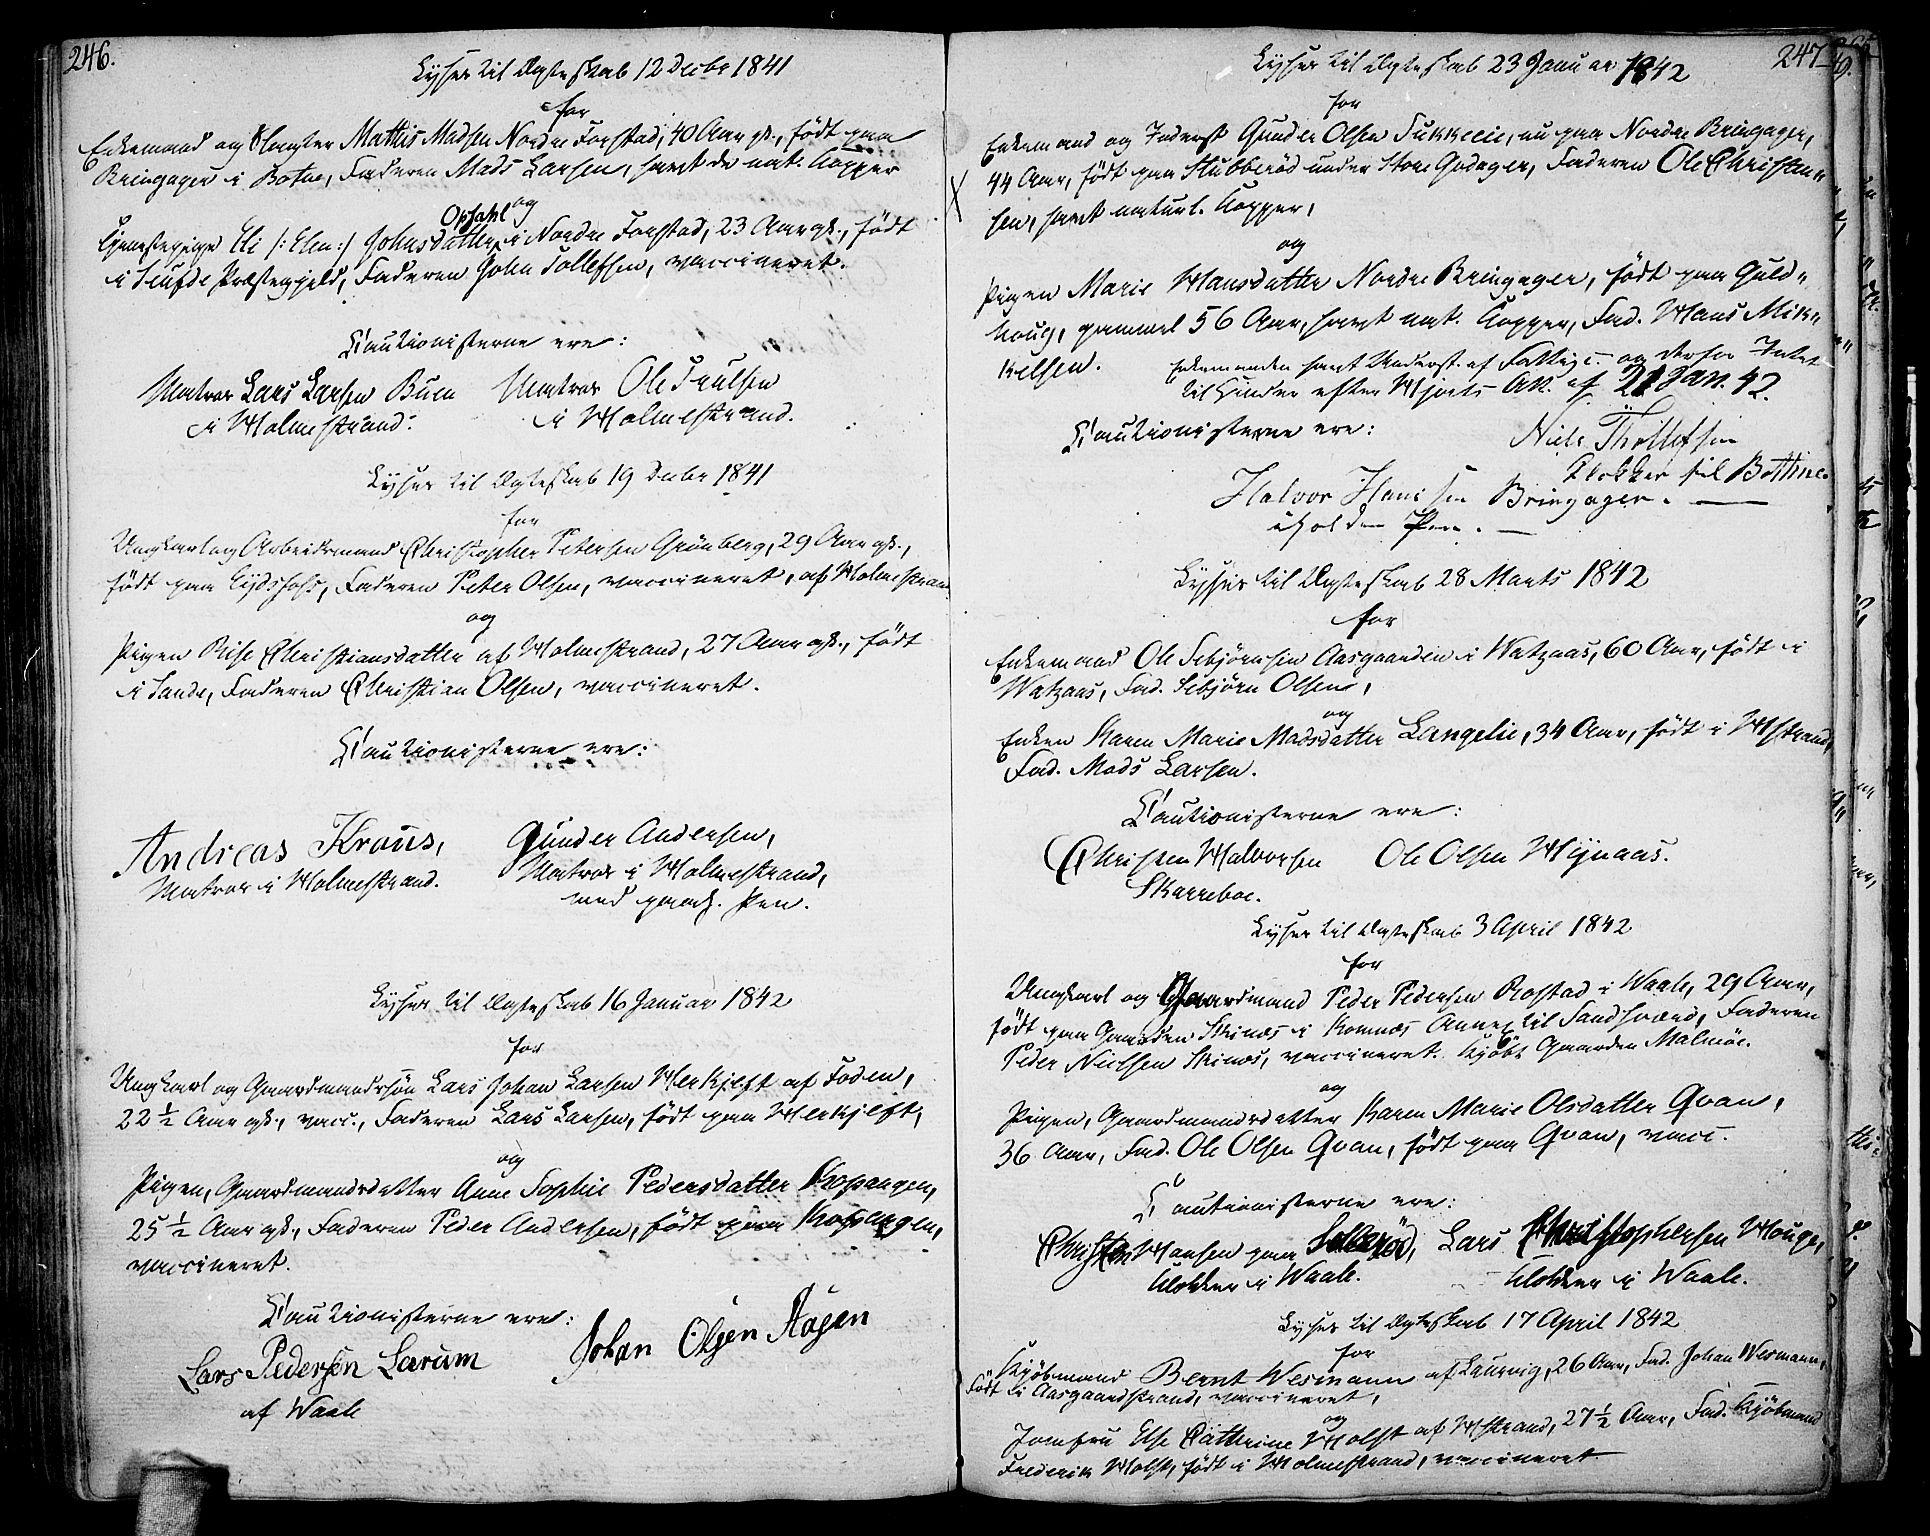 SAKO, Botne kirkebøker, F/Fa/L0003: Ministerialbok nr. I 3 /1, 1792-1844, s. 246-247